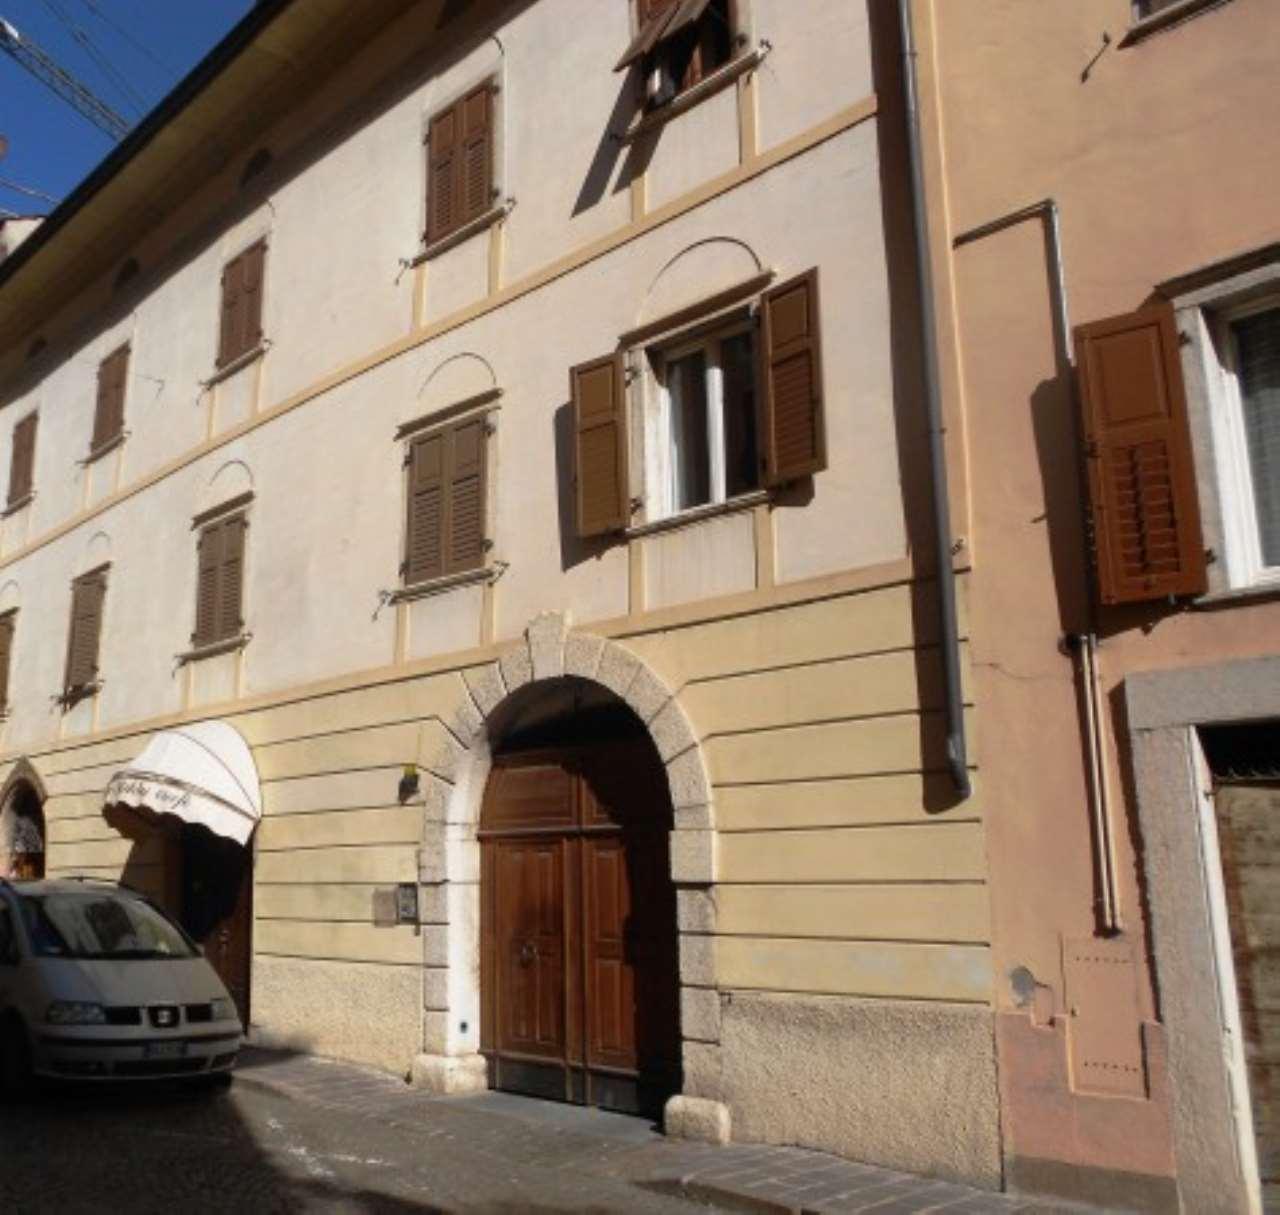 Attico / Mansarda in vendita a Mezzolombardo, 4 locali, prezzo € 295.000 | CambioCasa.it